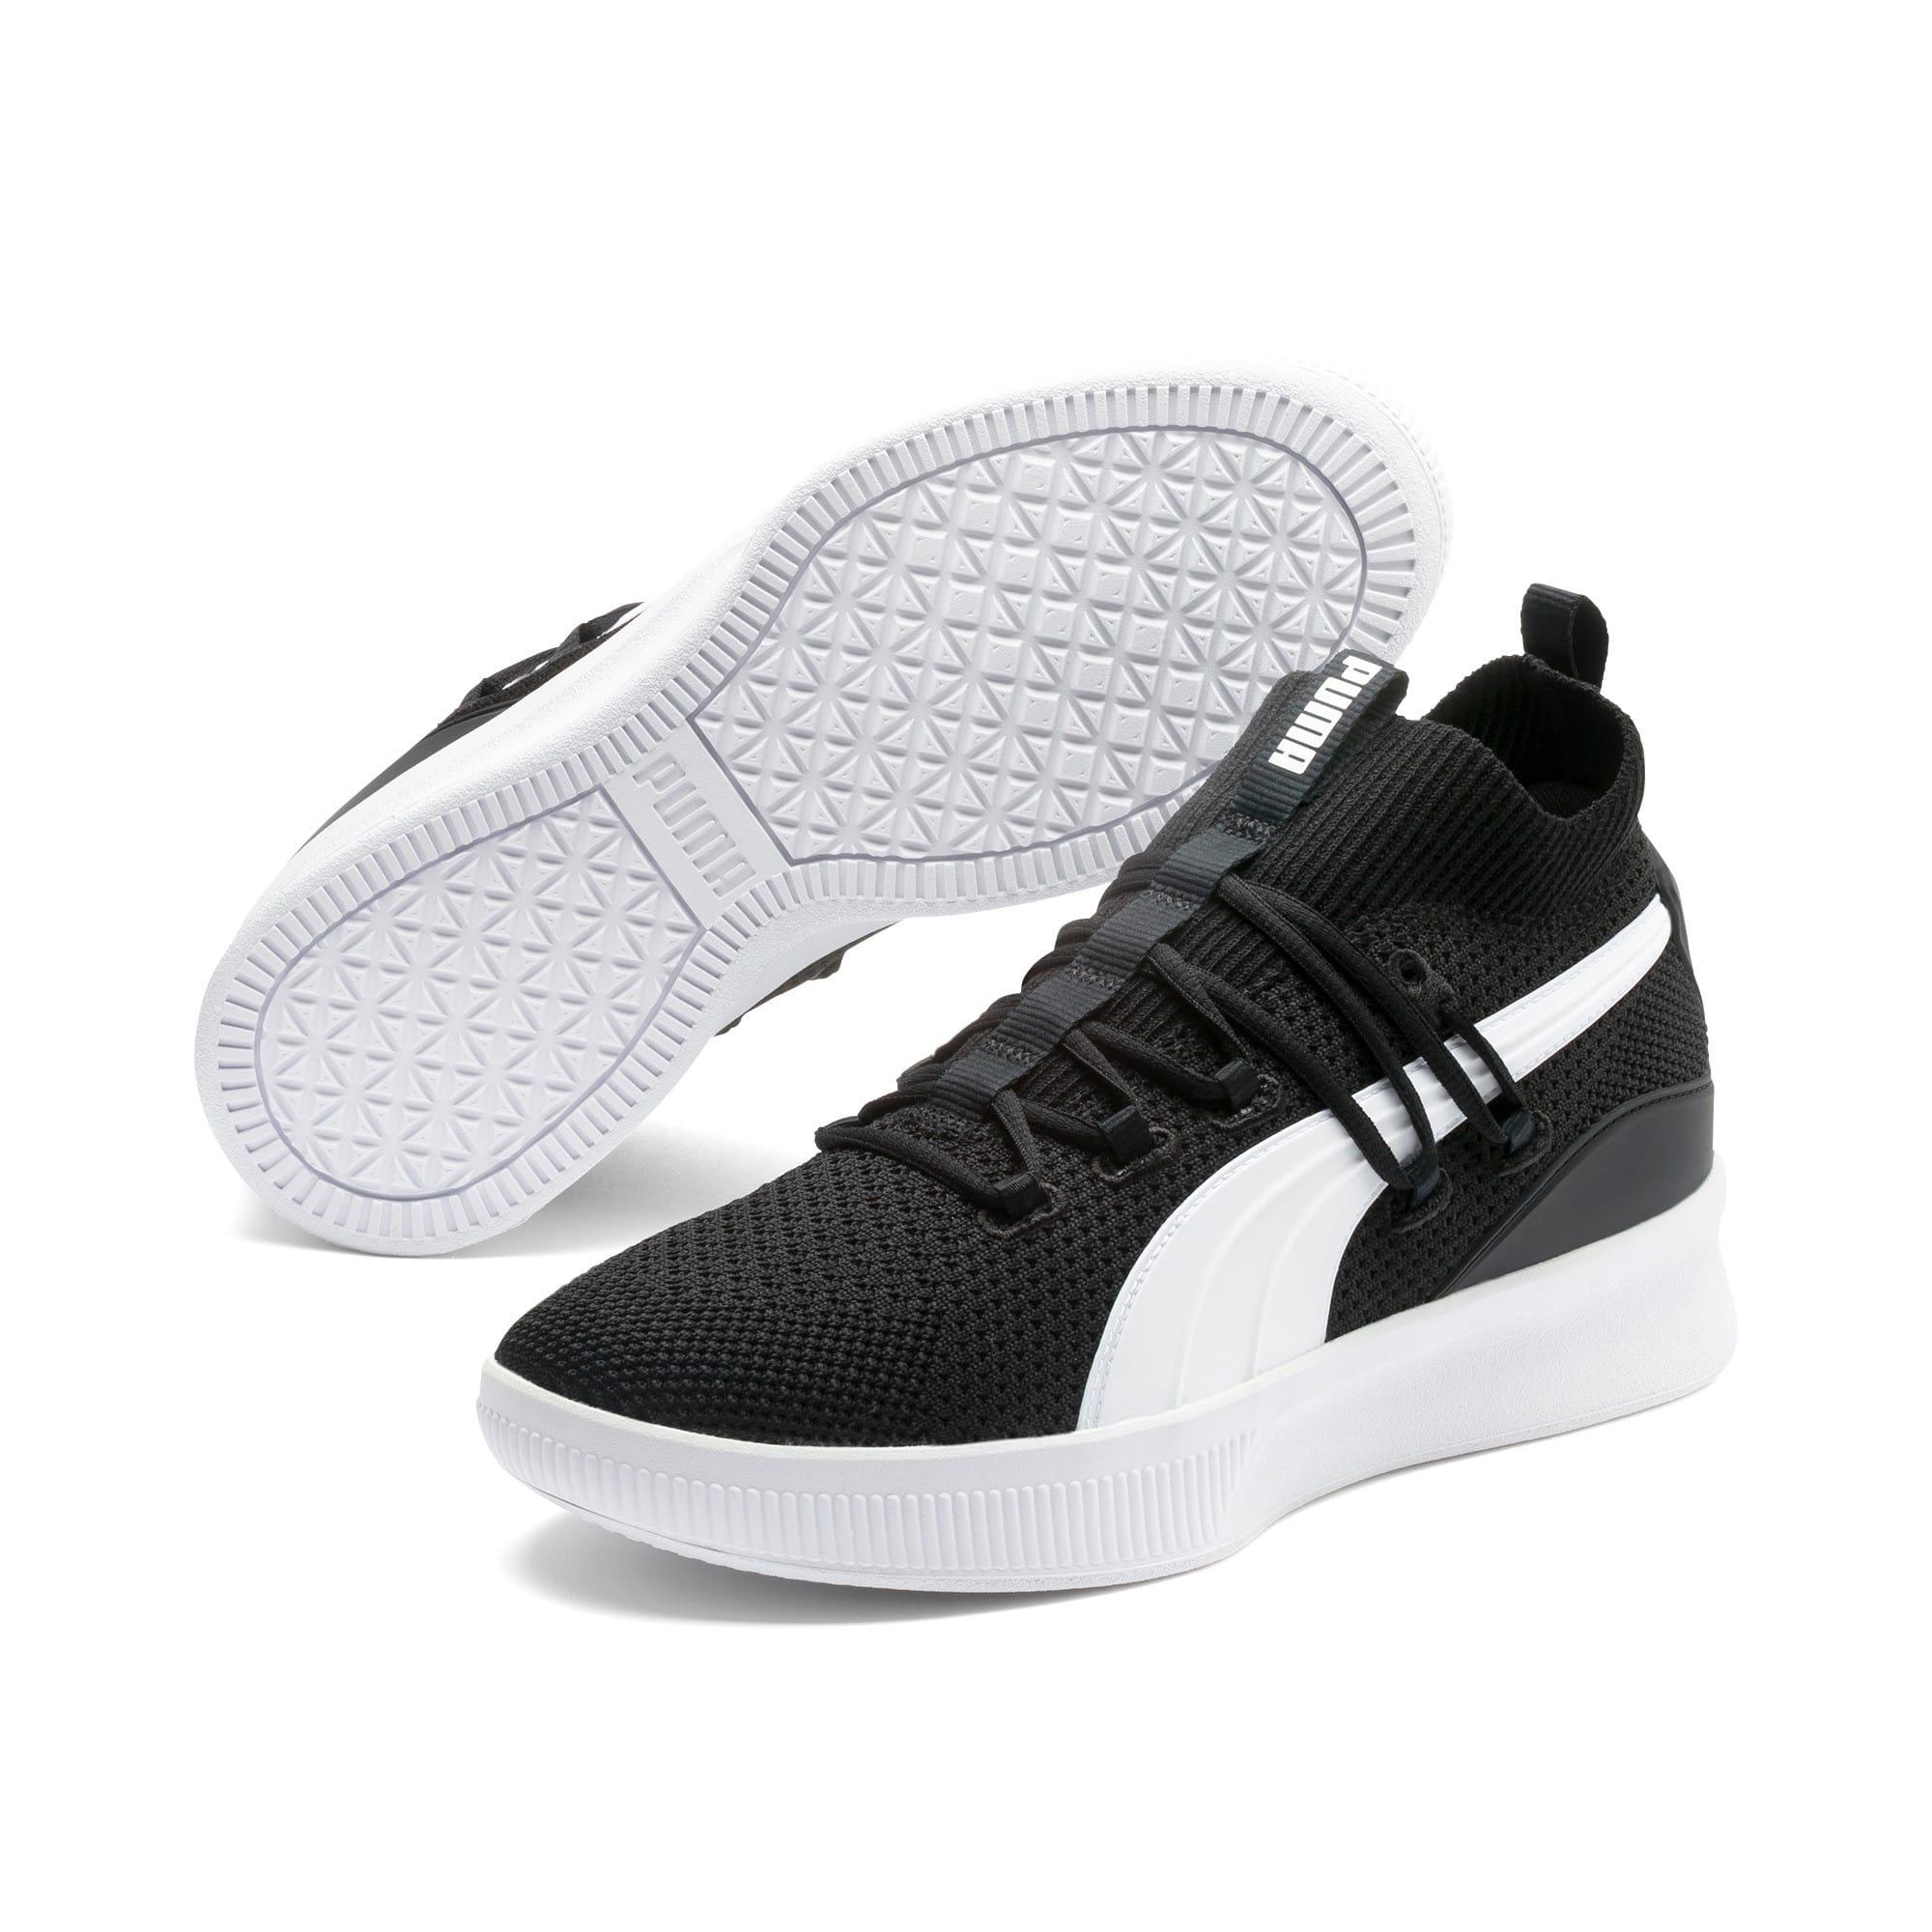 Imagen en miniatura 2 de Zapatillas de baloncesto Clyde Court, Puma Black, mediana